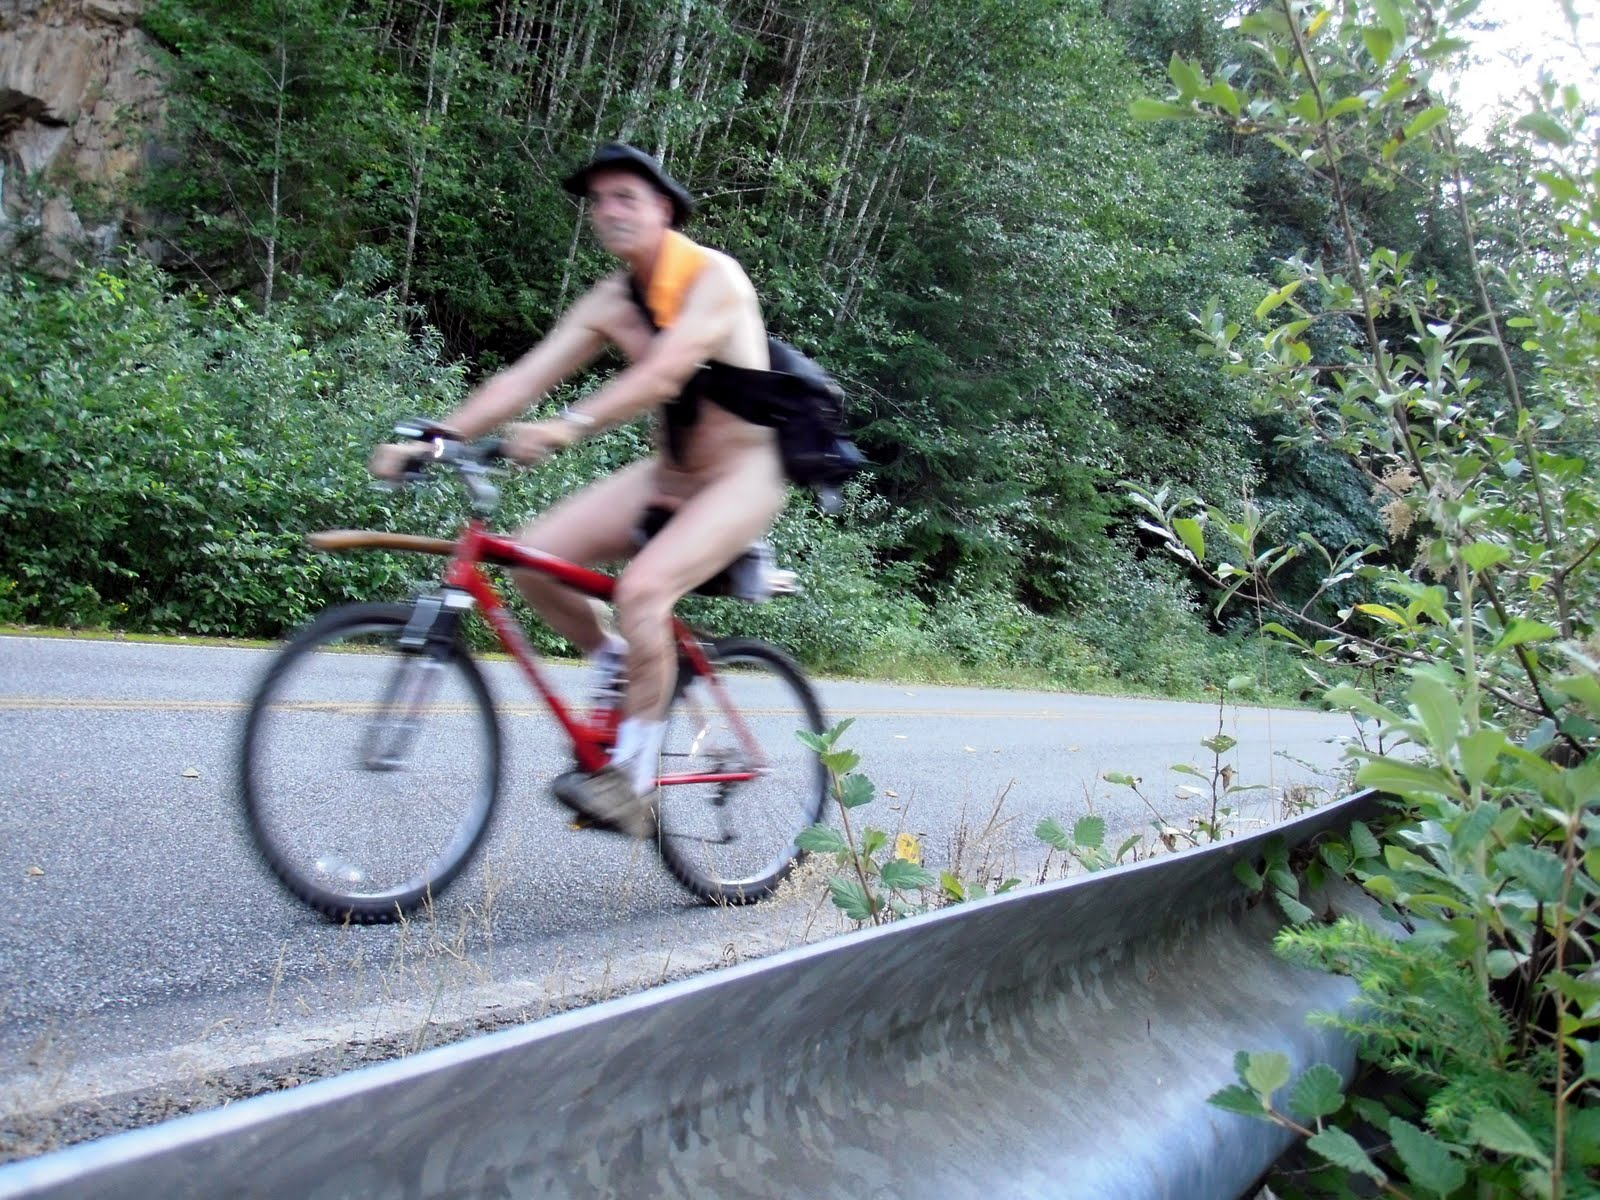 Nude Mountain Biking 112